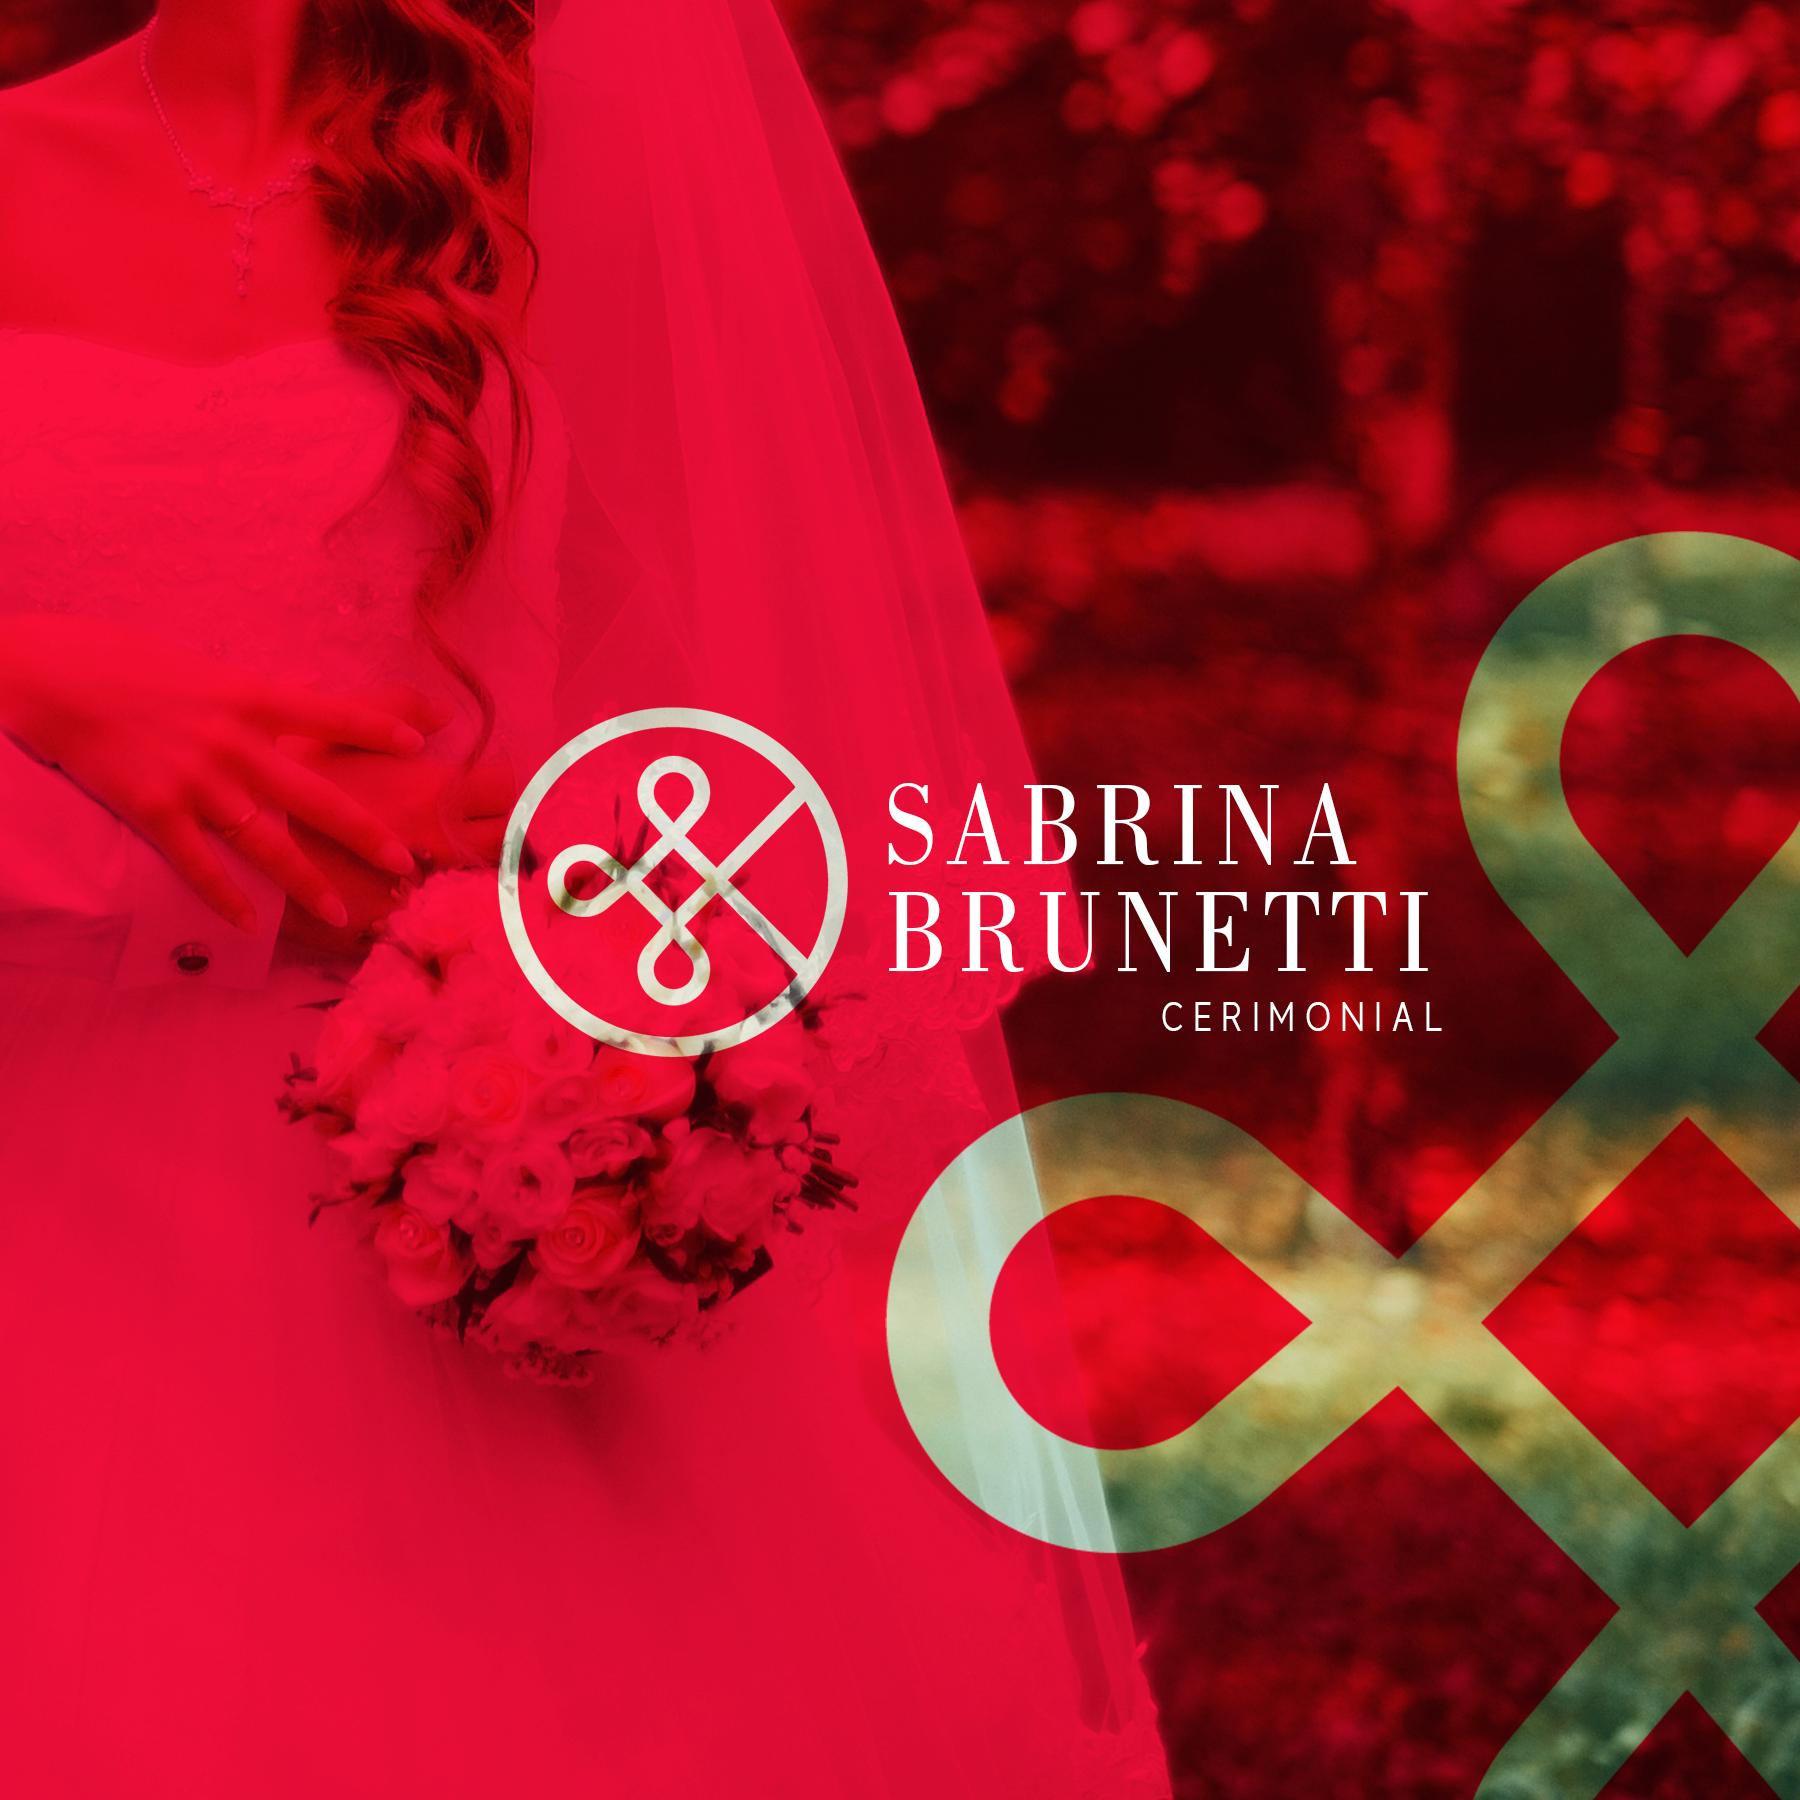 315e1b31199469.5645493a8c935 - Sabrina Brunetti